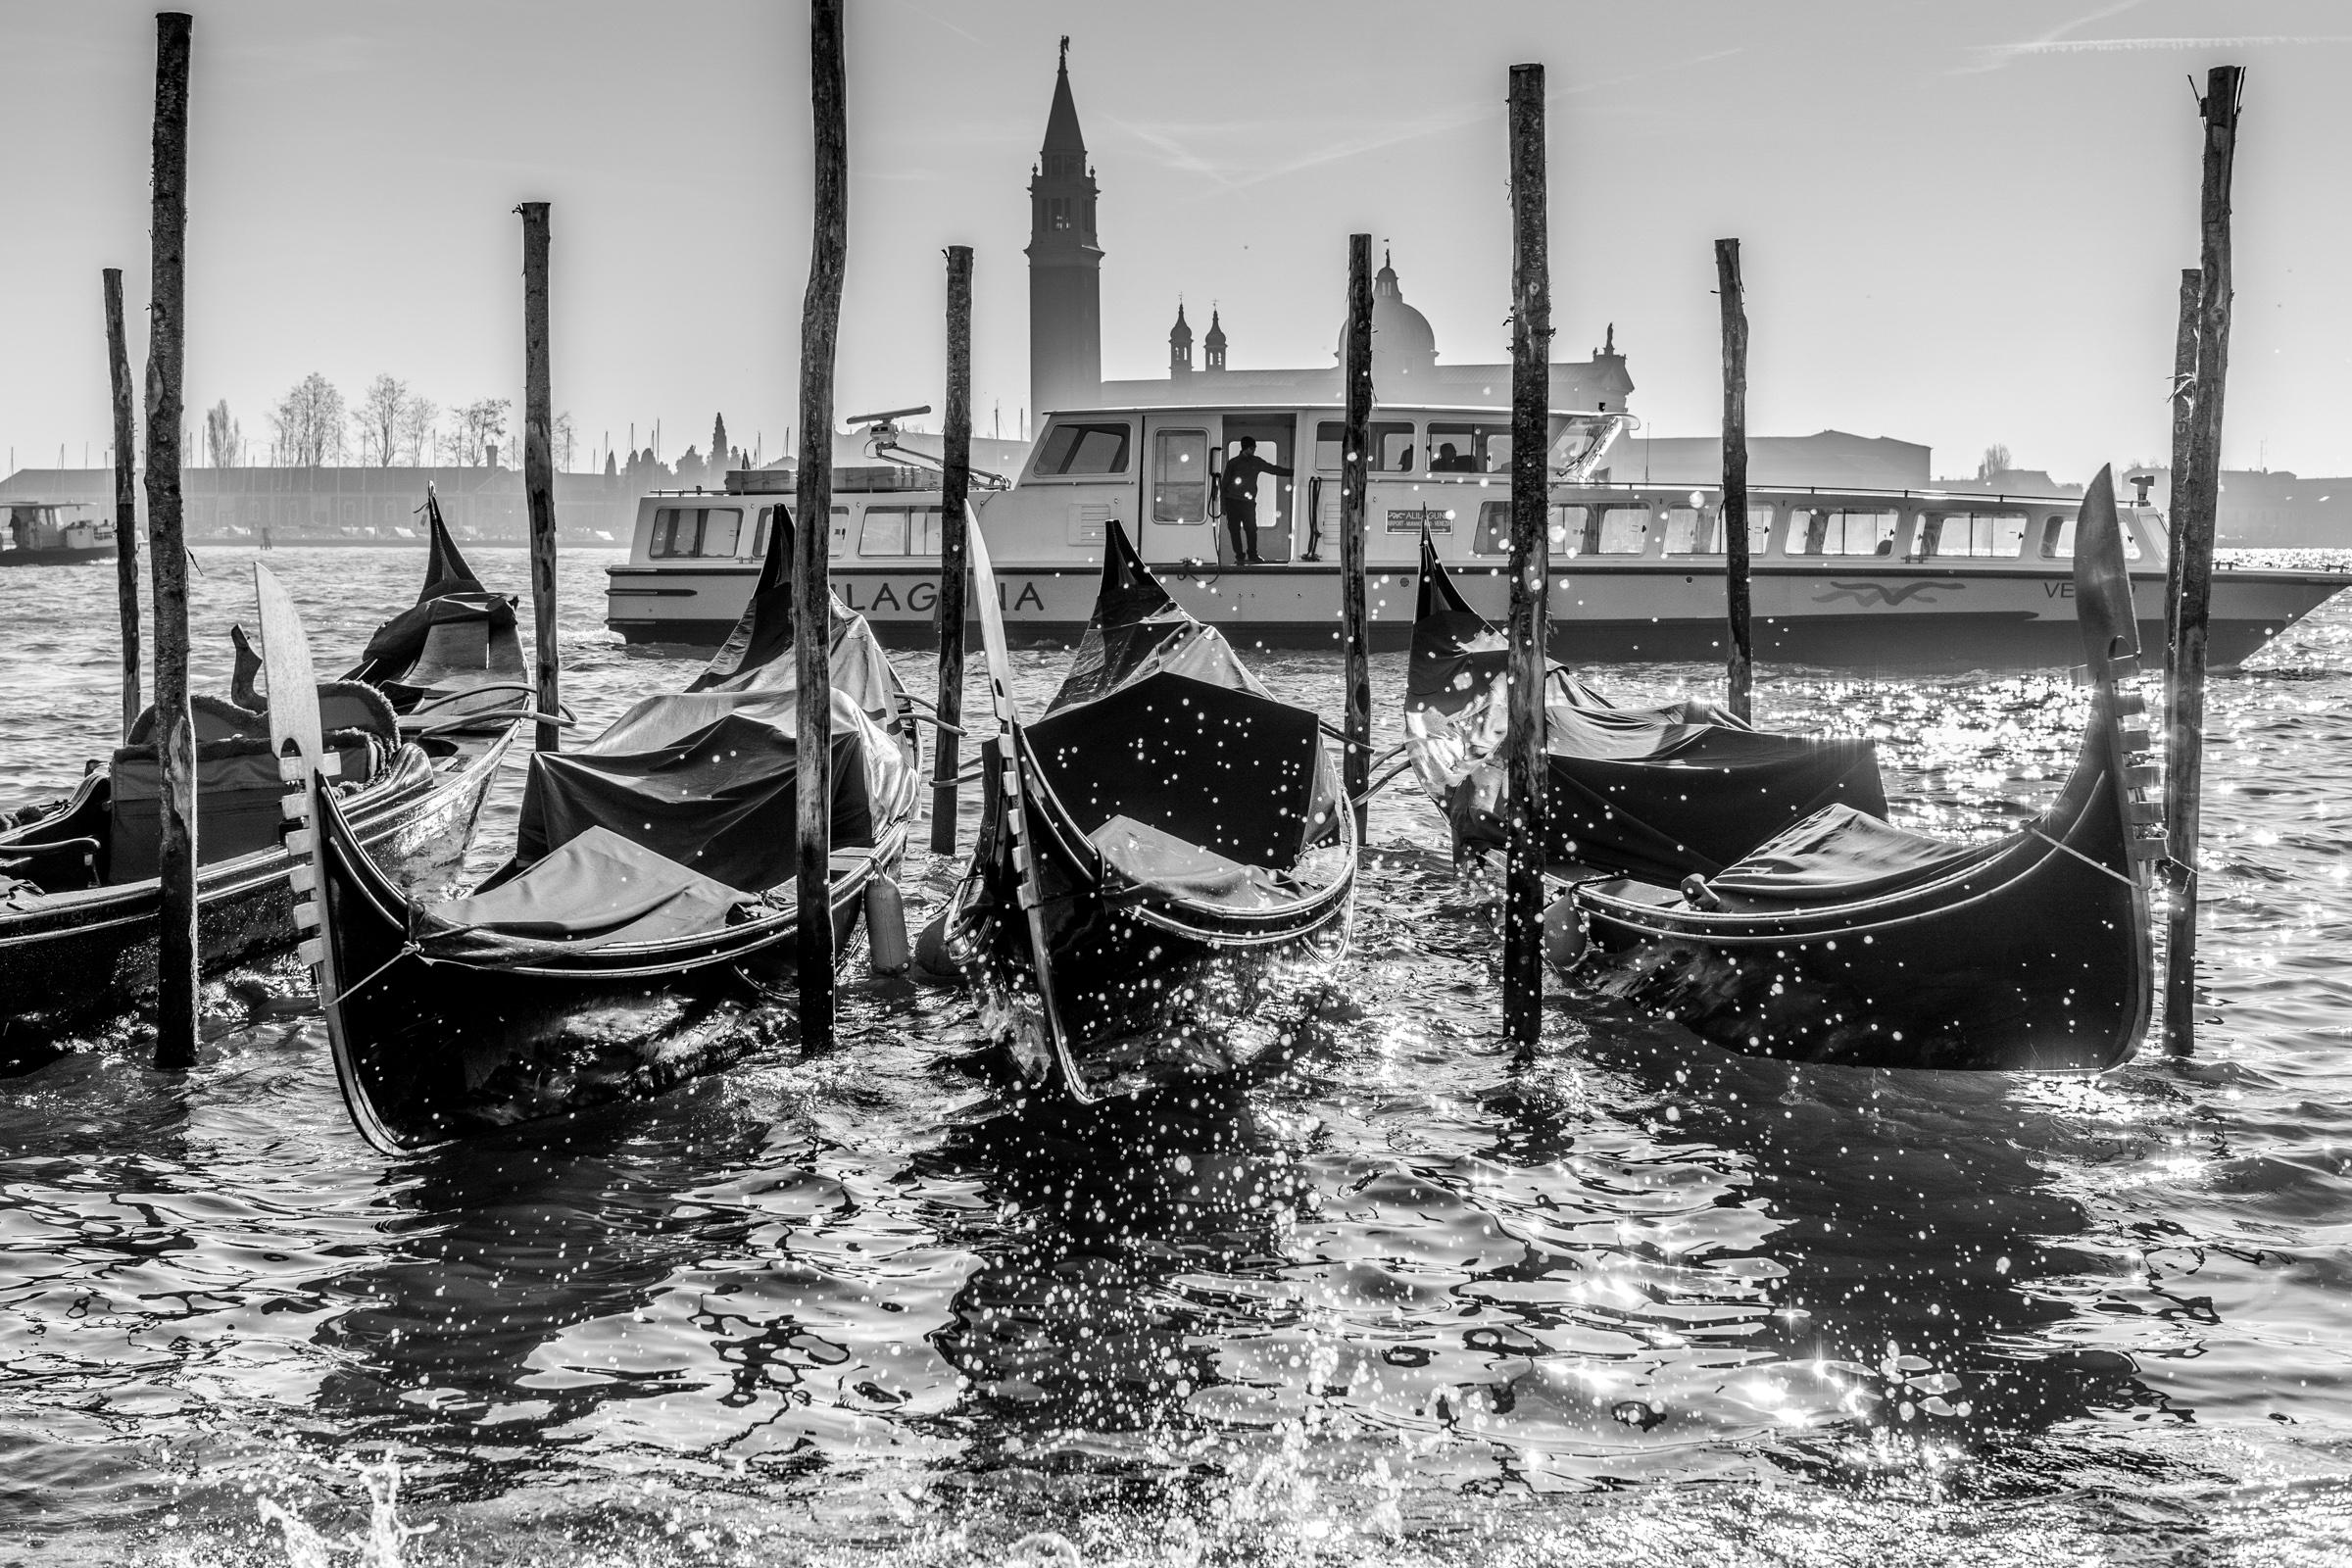 Docked Gondola Venice